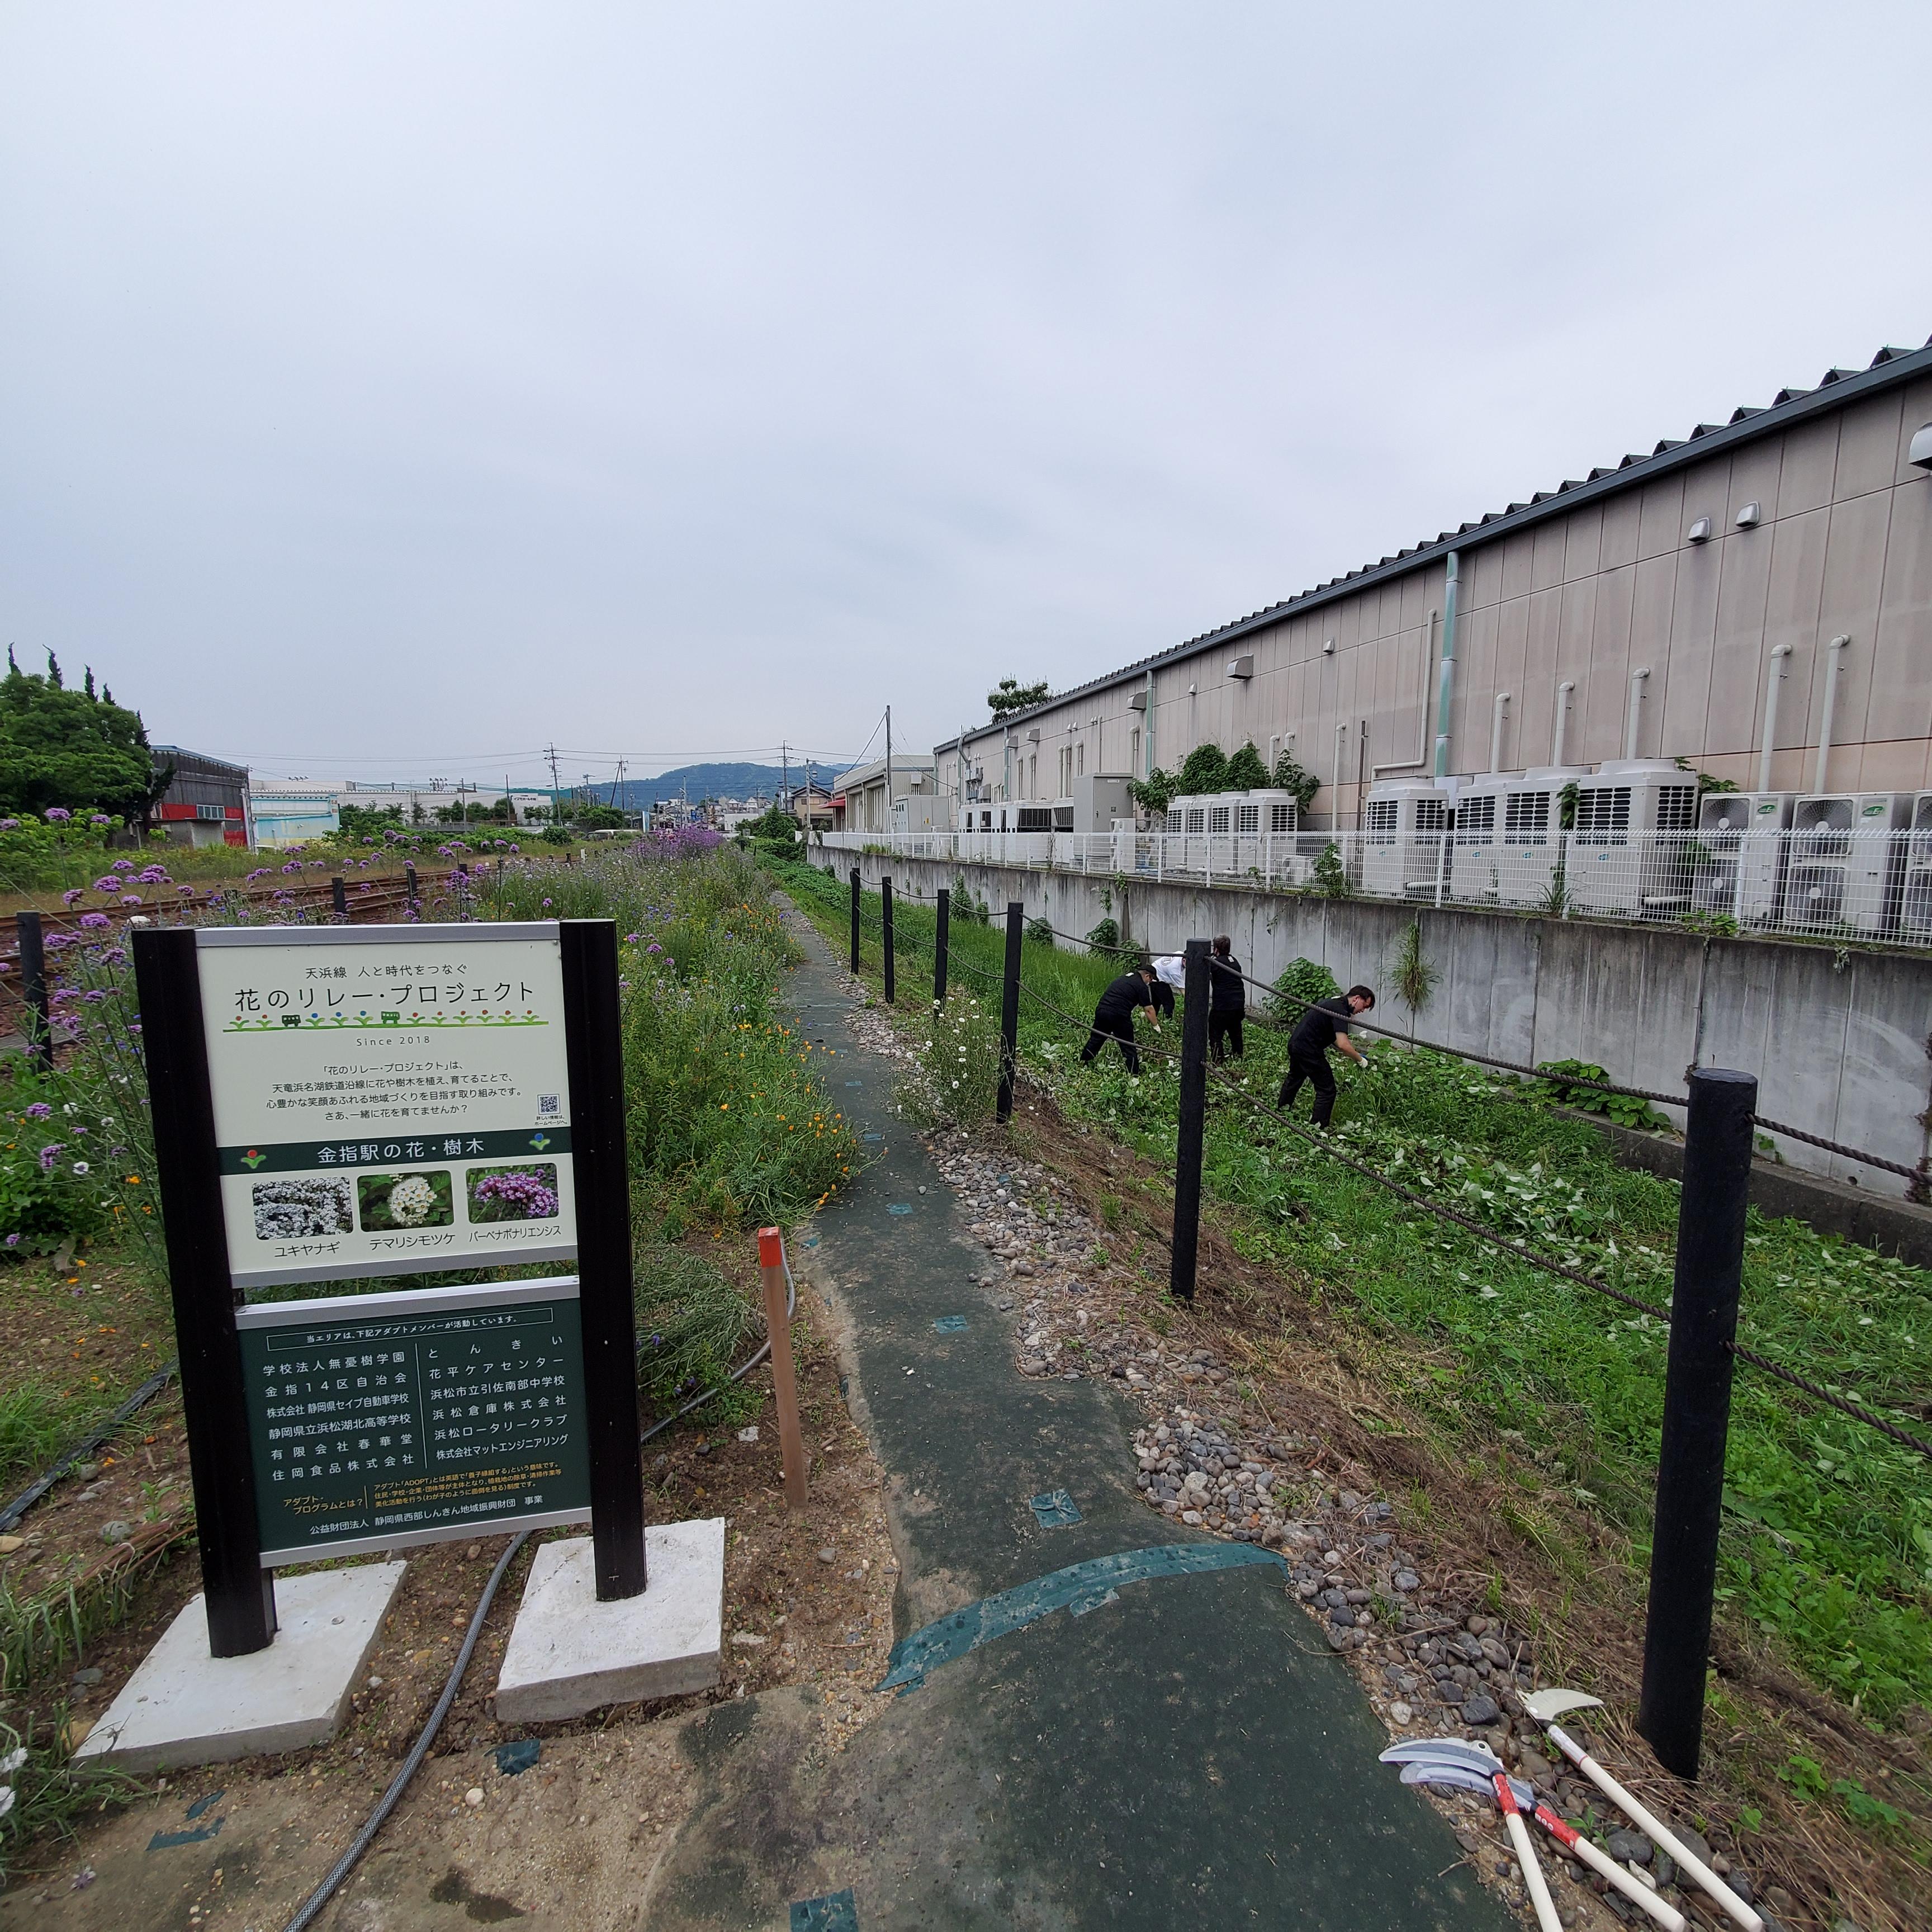 2021.05.24金指駅とんきいアダプト活動1